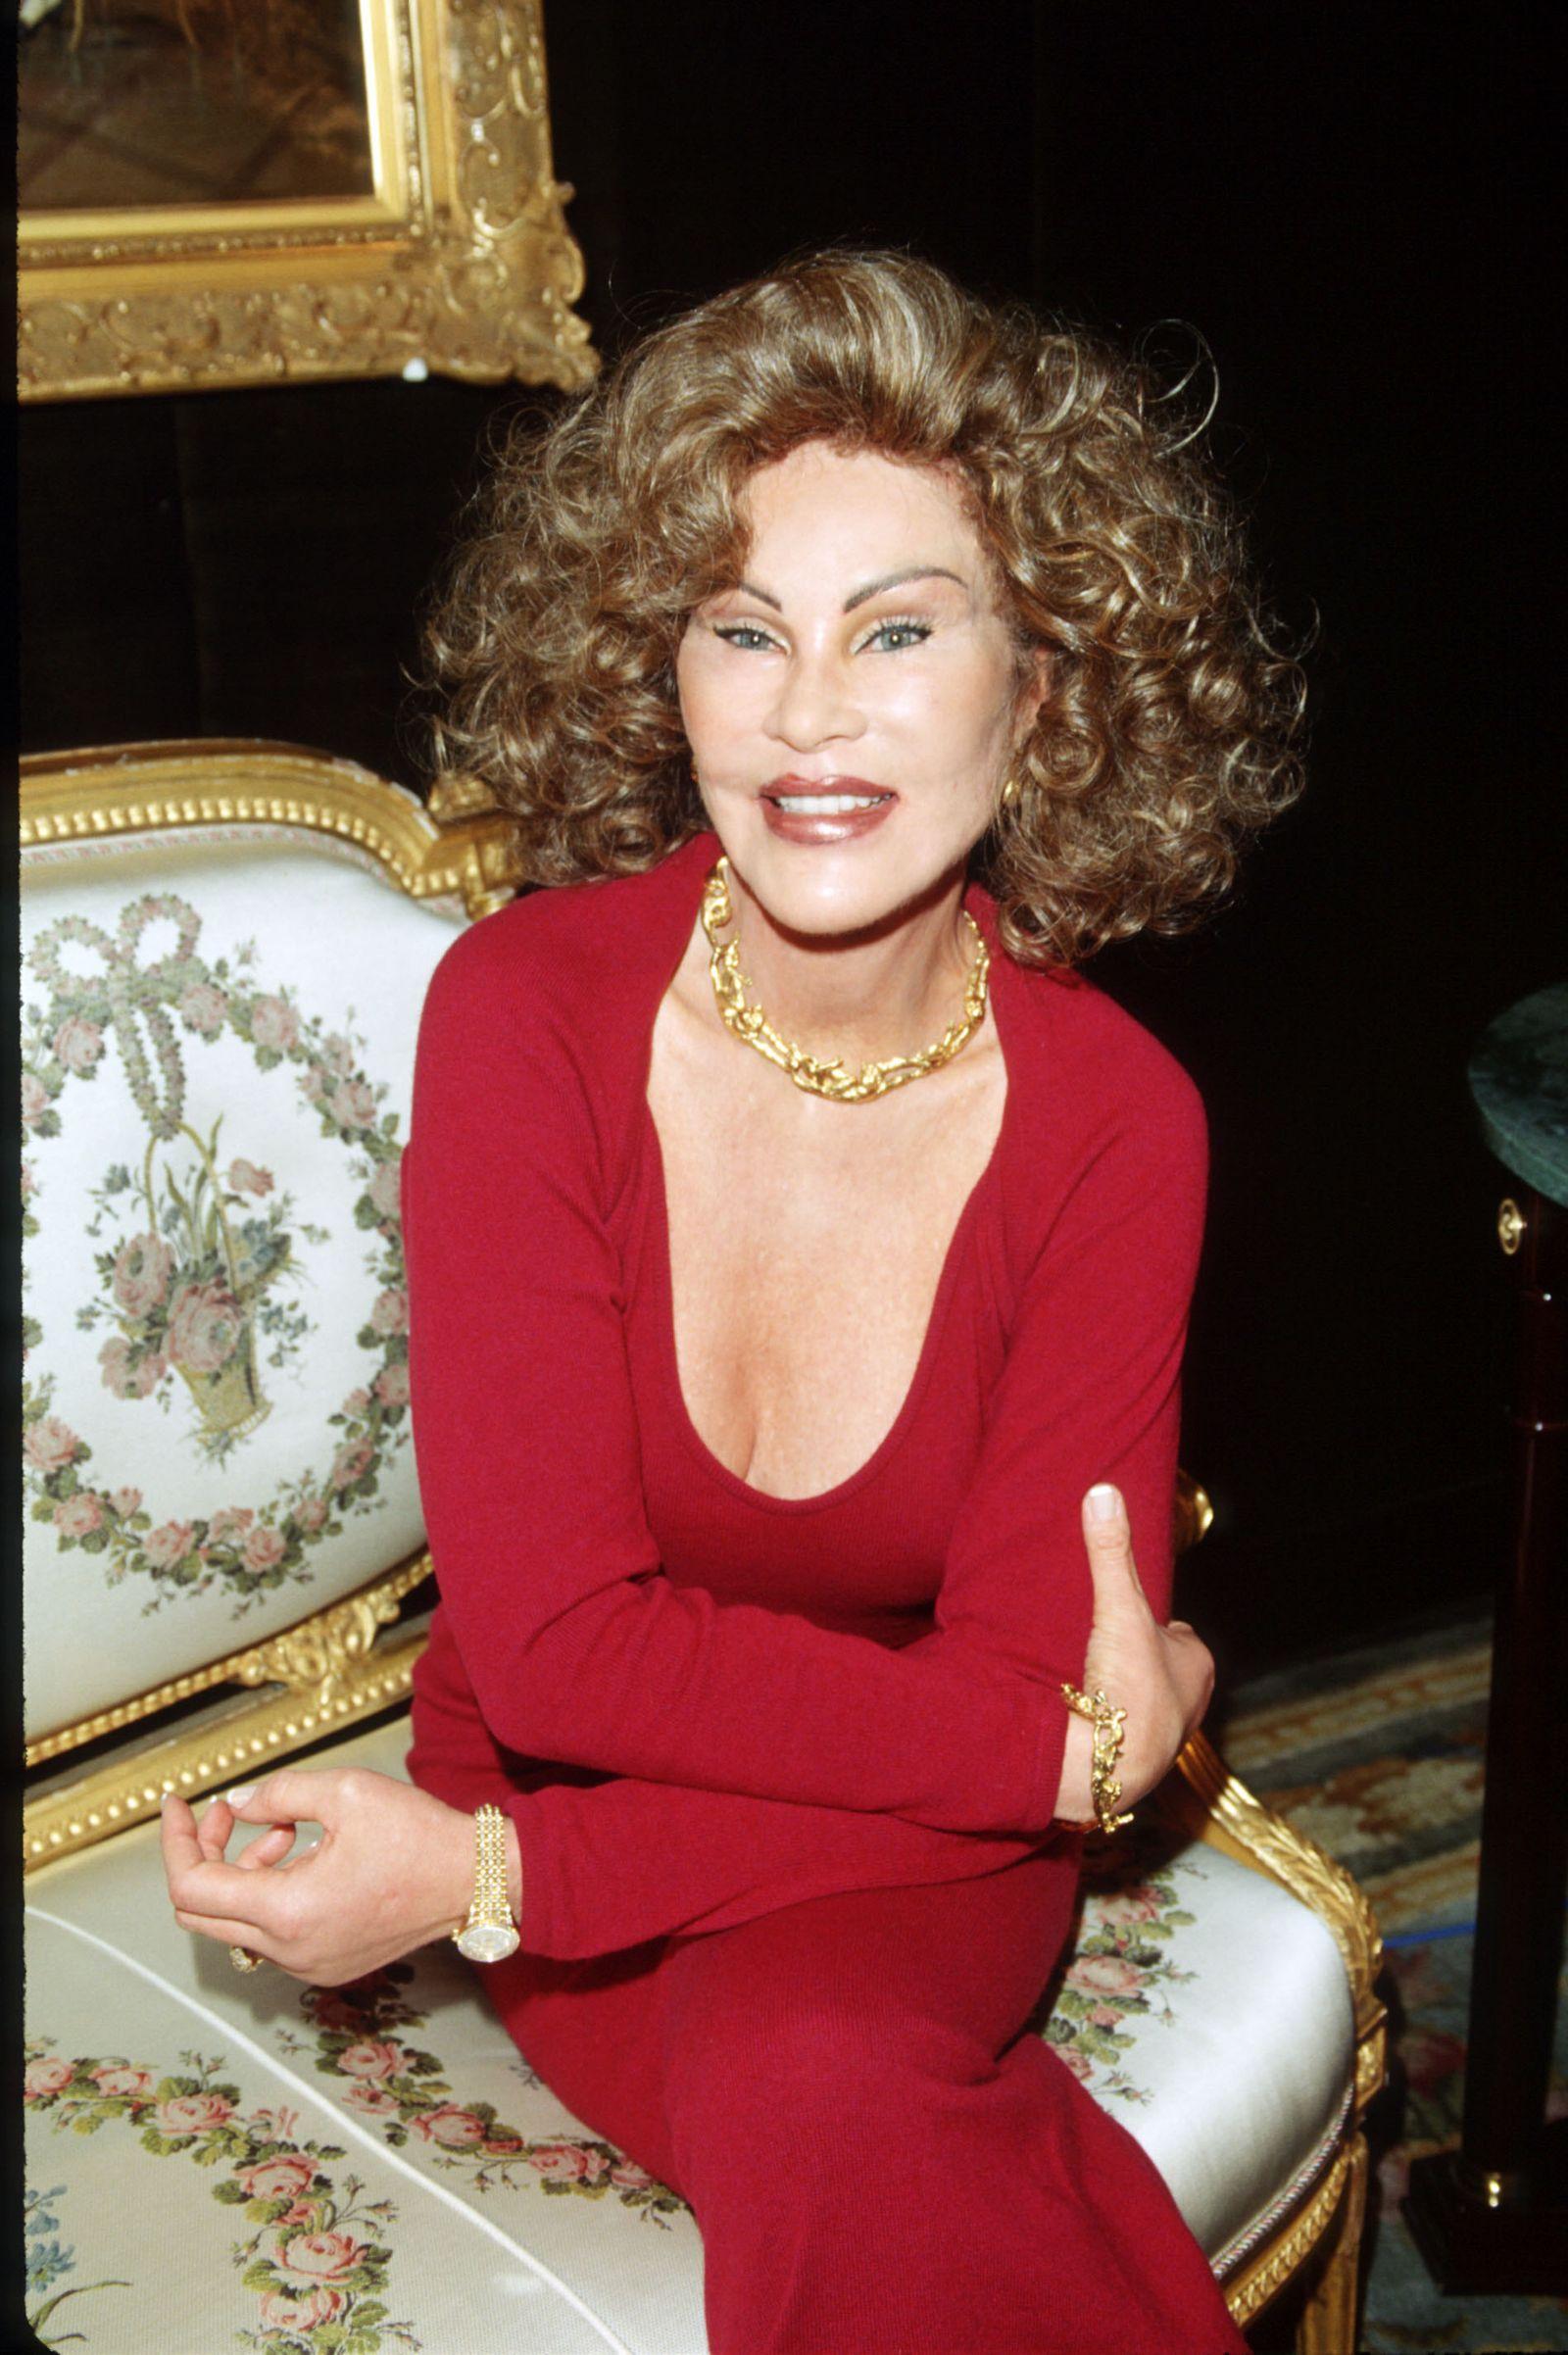 Jocelyne Wildenstein At Home In New York City